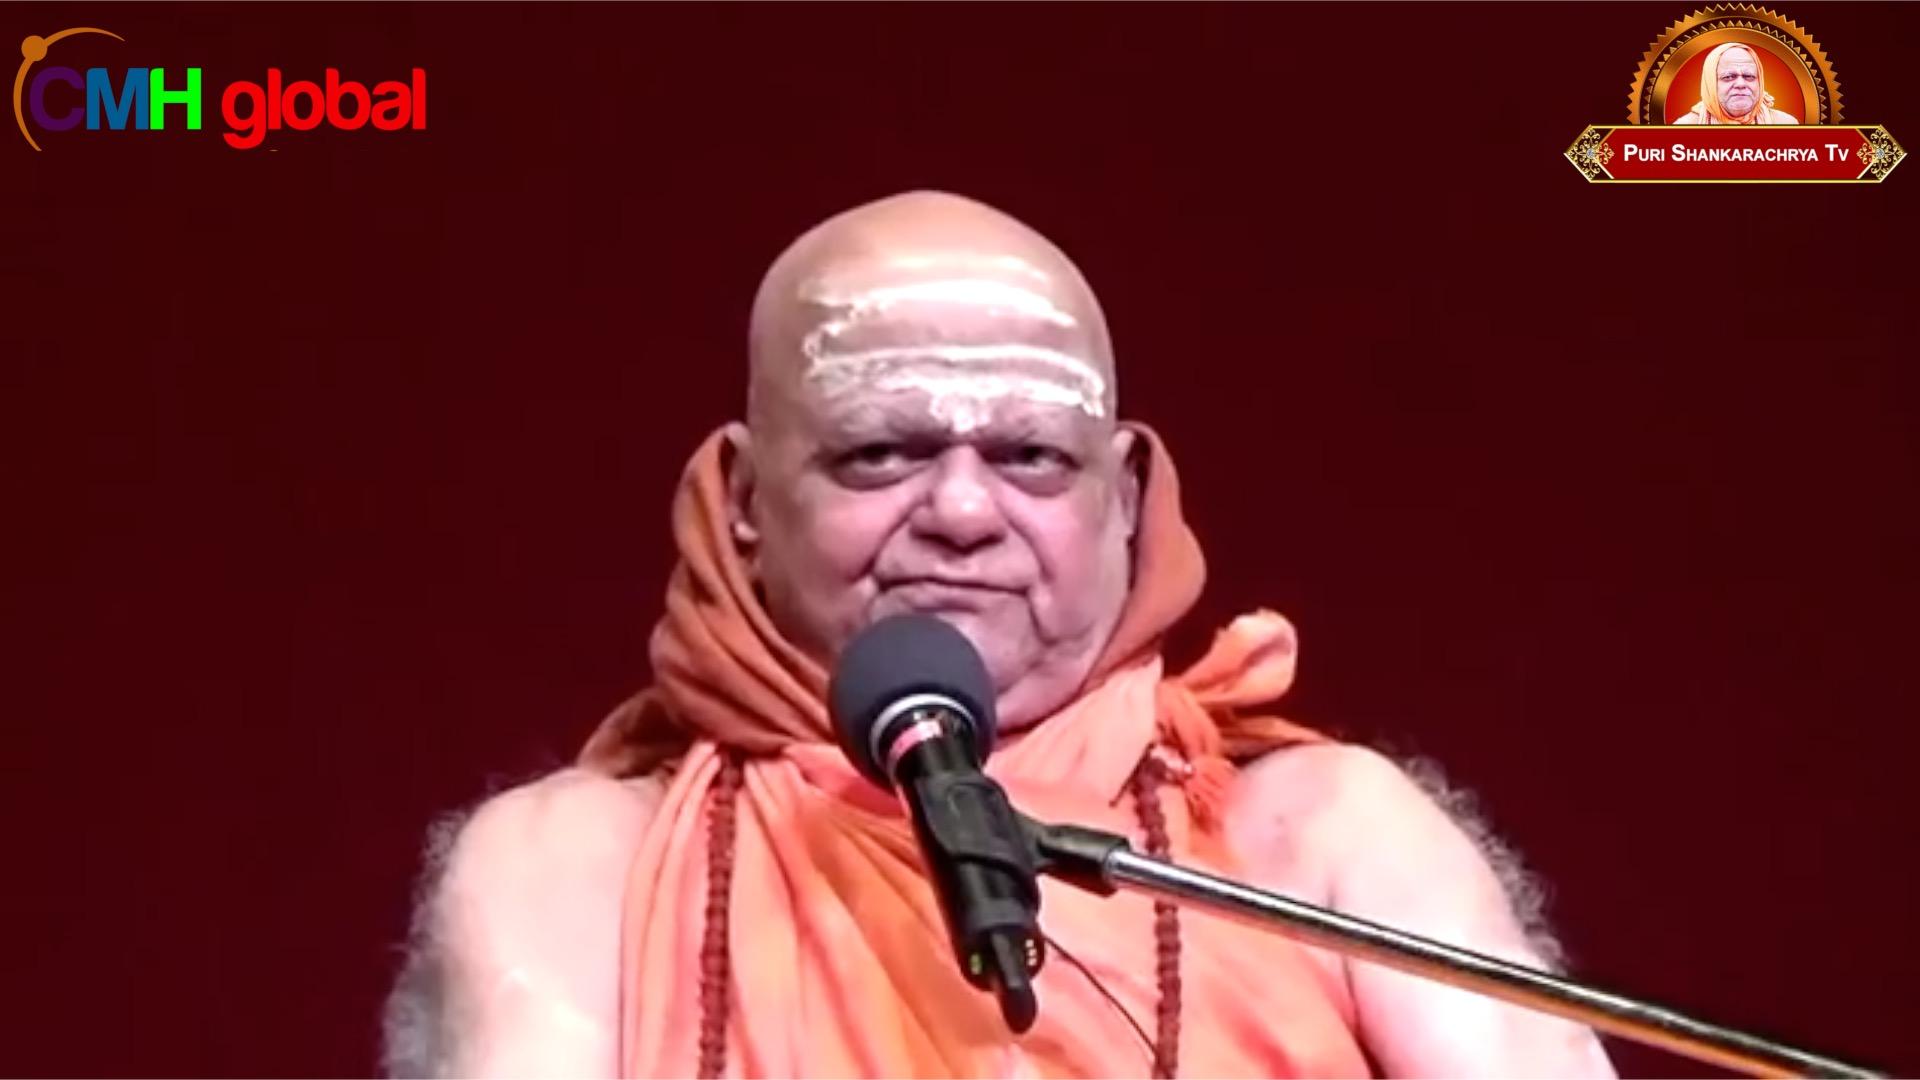 Gyan Dhara Ep -38 by Puri Shankaracharya Swami Nishchalananda Saraswati Ji